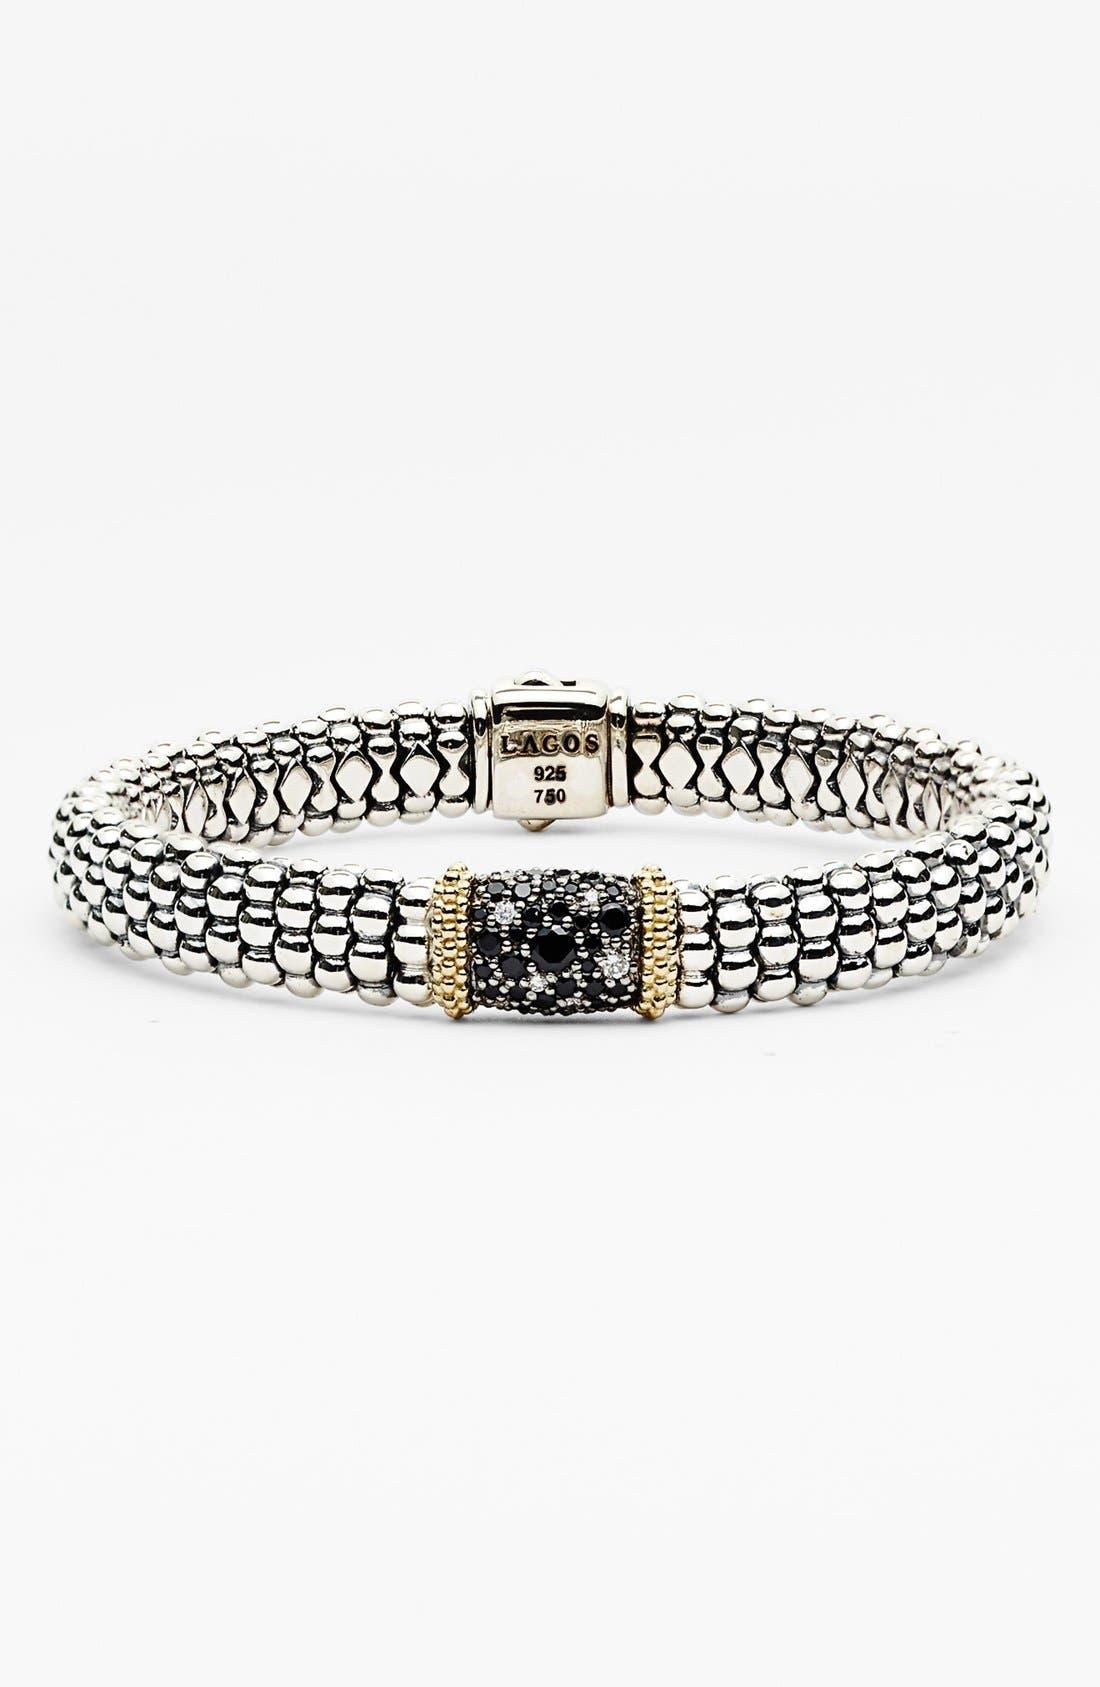 Alternate Image 1 Selected - Lagos 'Nightfall' Caviar™ Diamond & Black Spinel Rope Bracelet